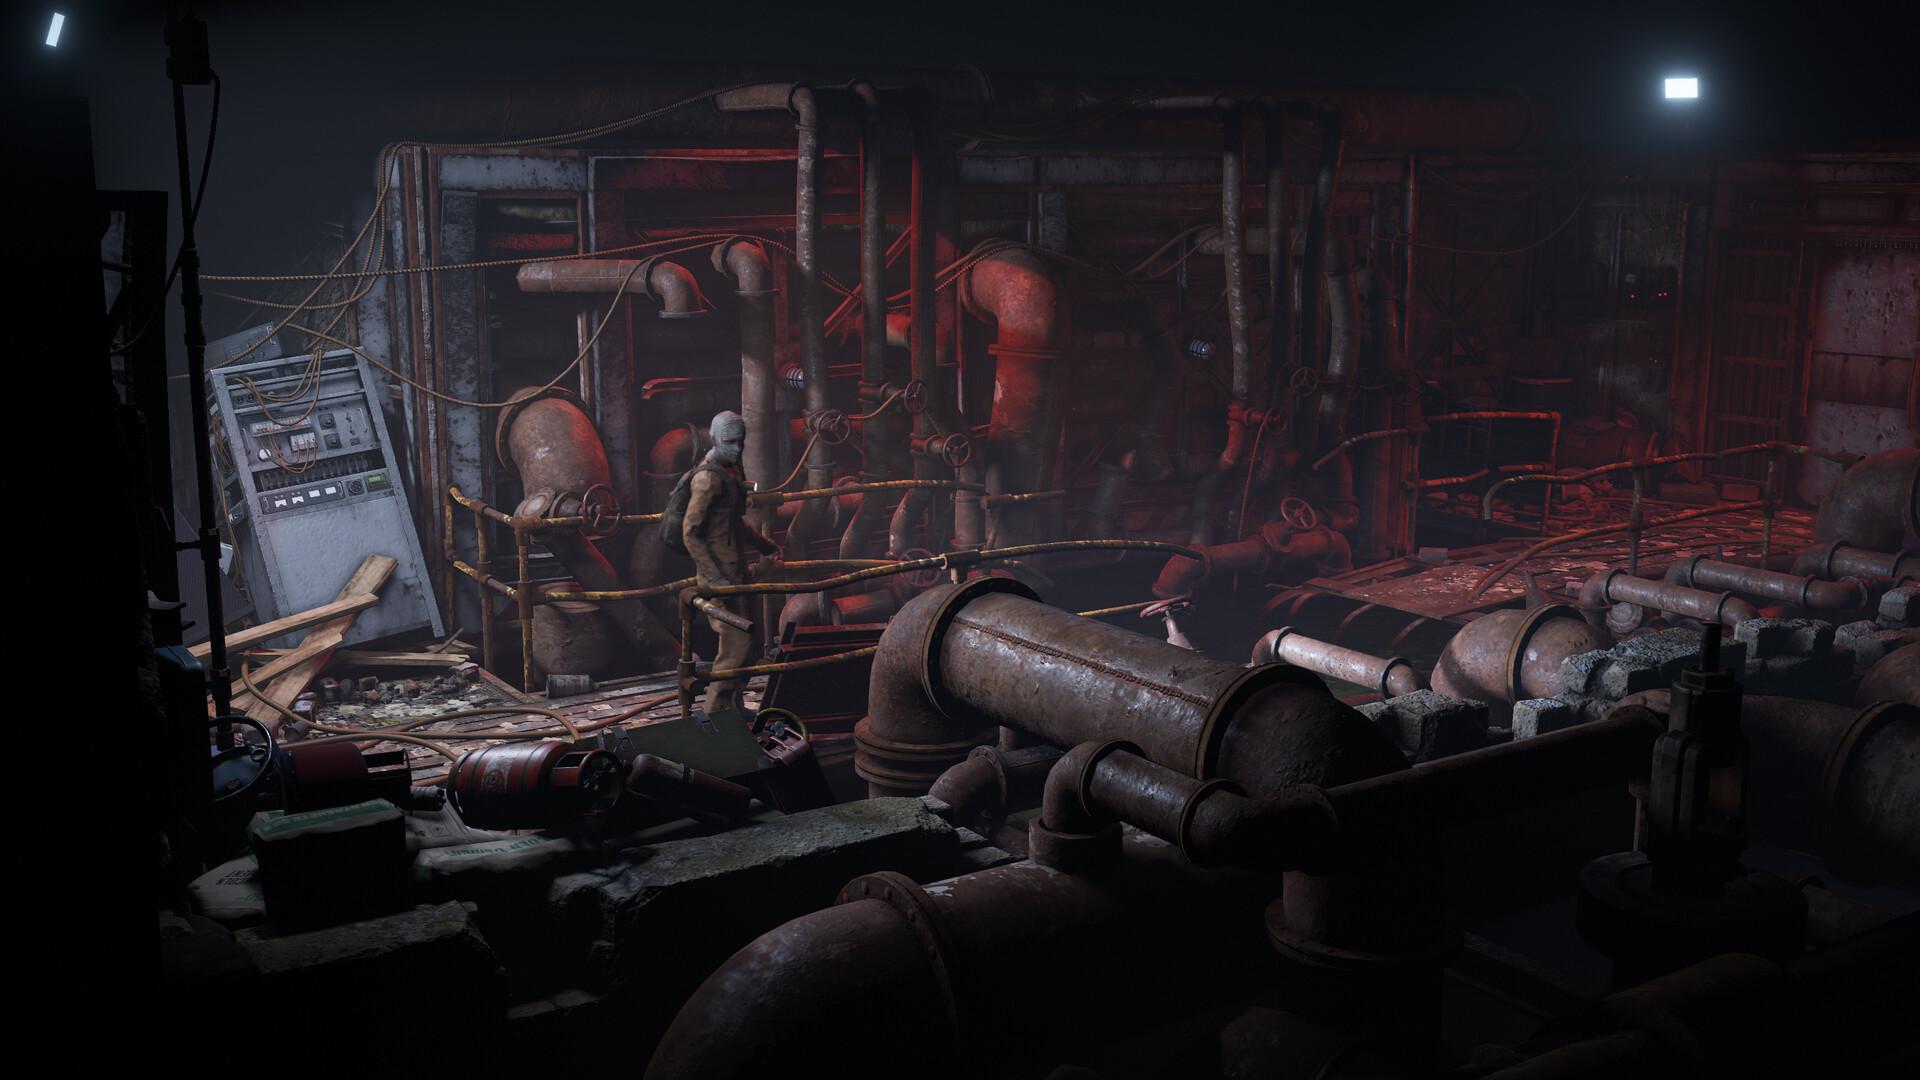 Andrew averkin utopiasyndrome boiler b 13